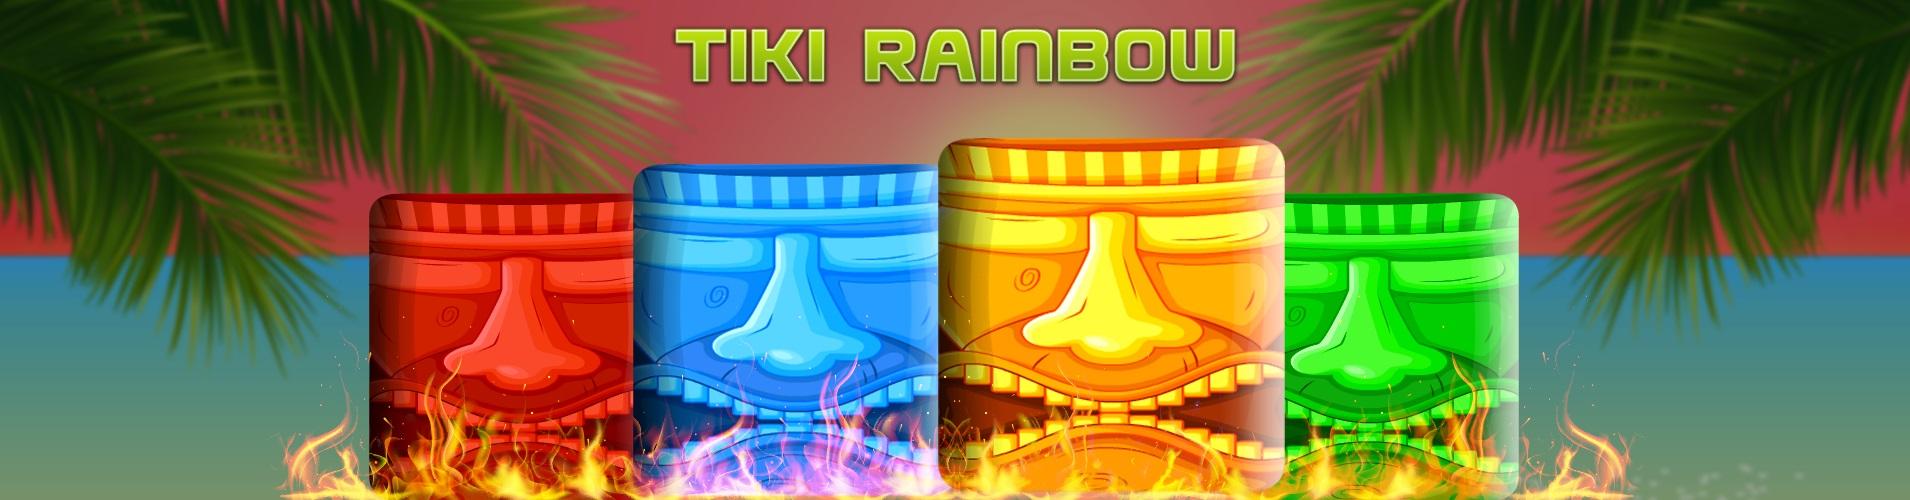 TikiRainbow